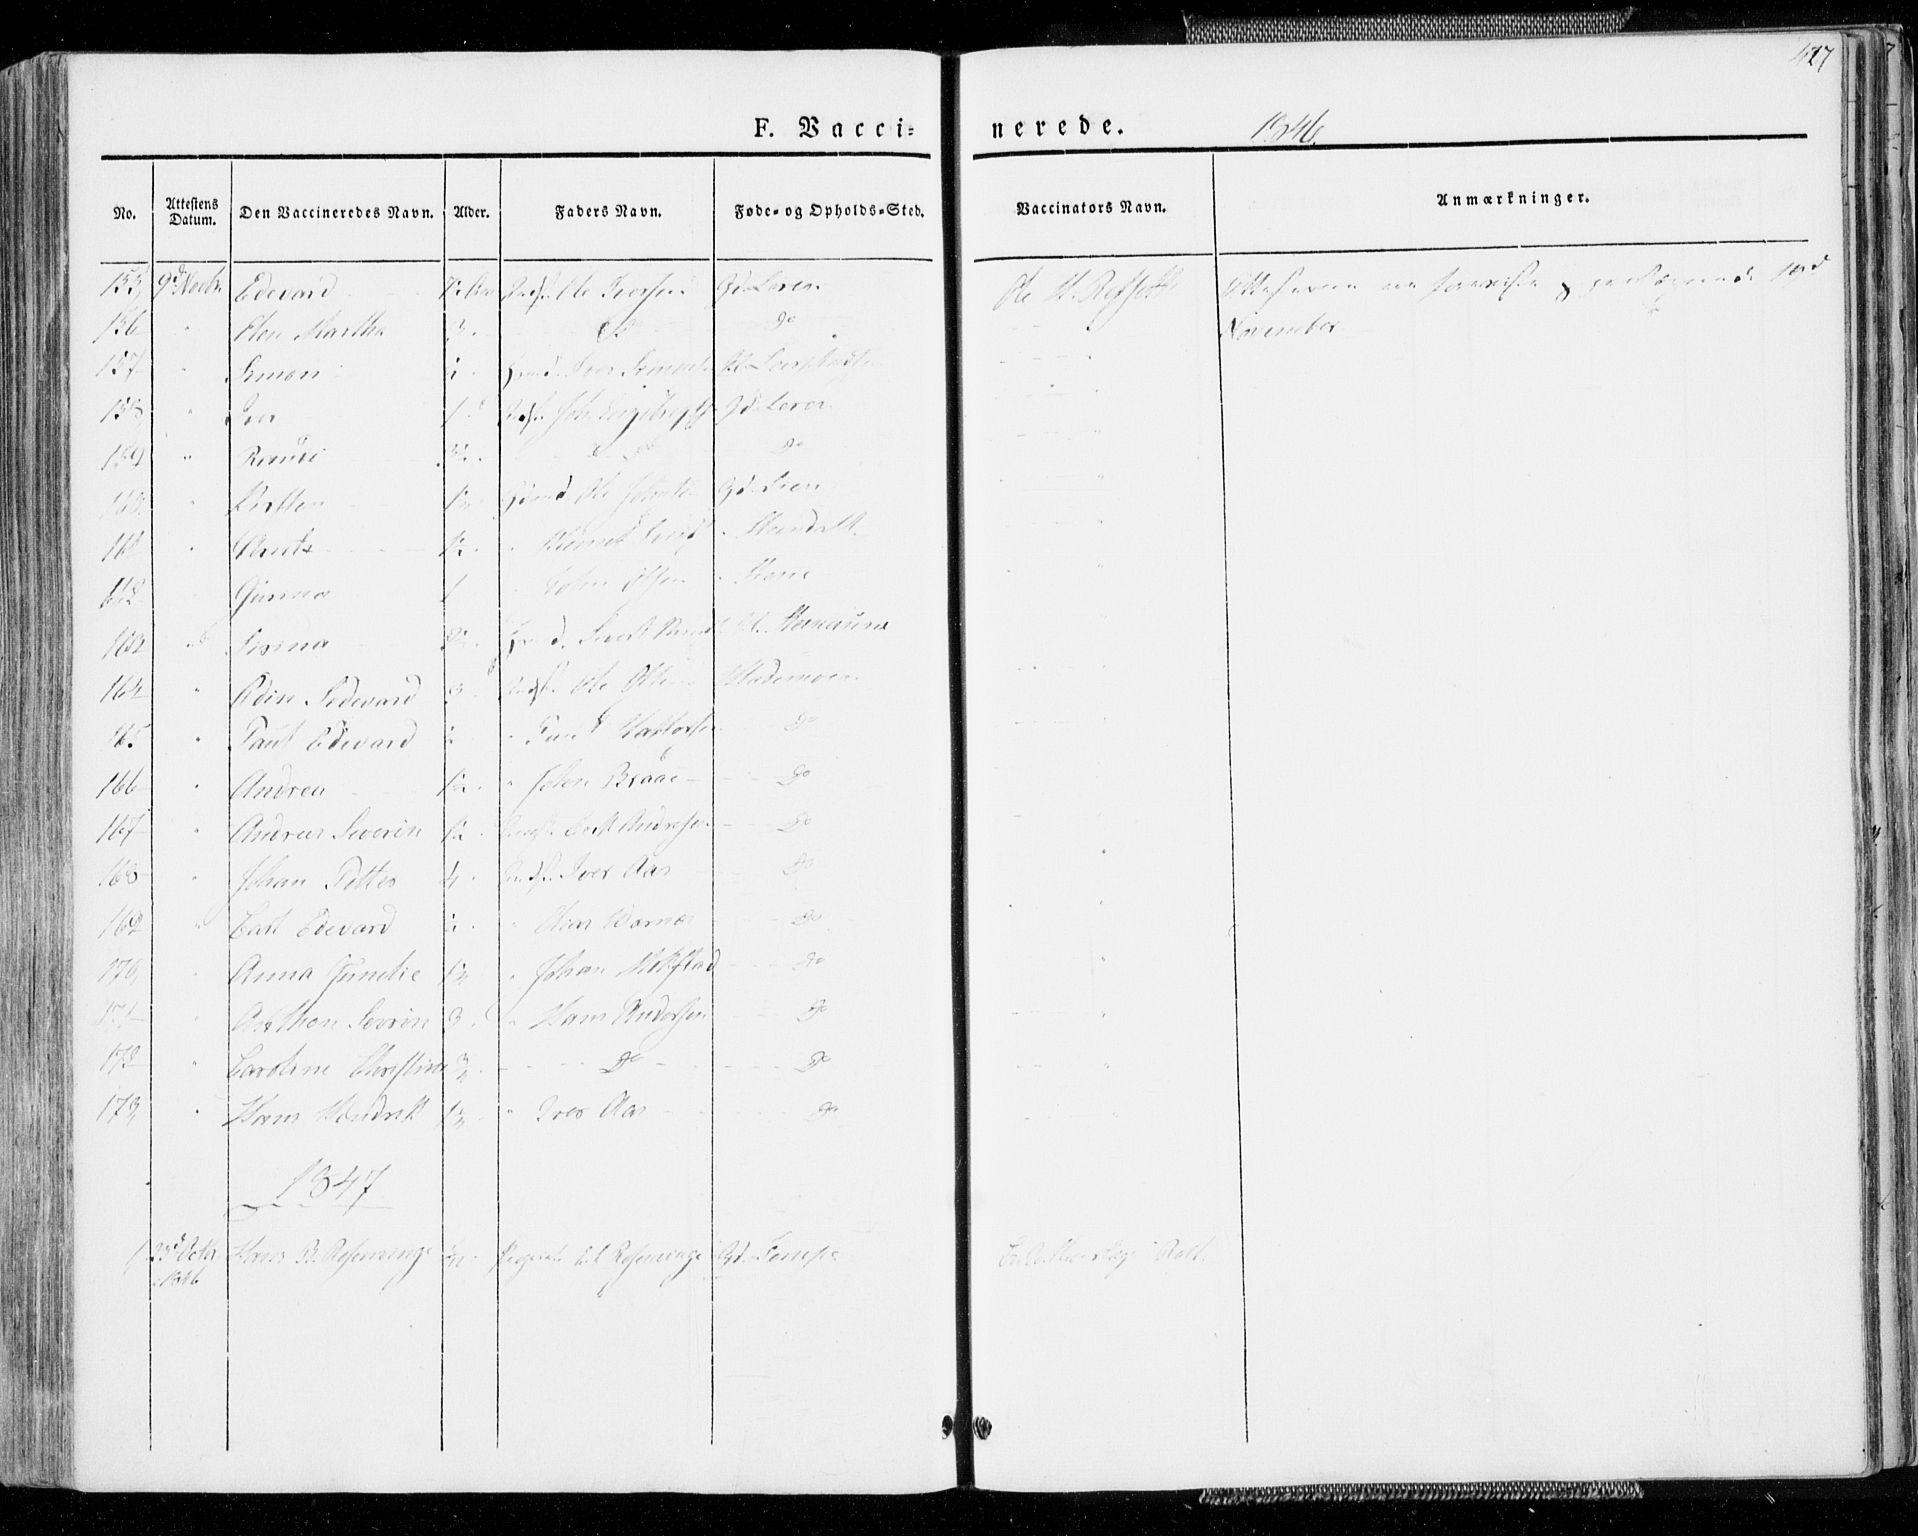 SAT, Ministerialprotokoller, klokkerbøker og fødselsregistre - Sør-Trøndelag, 606/L0290: Ministerialbok nr. 606A05, 1841-1847, s. 427